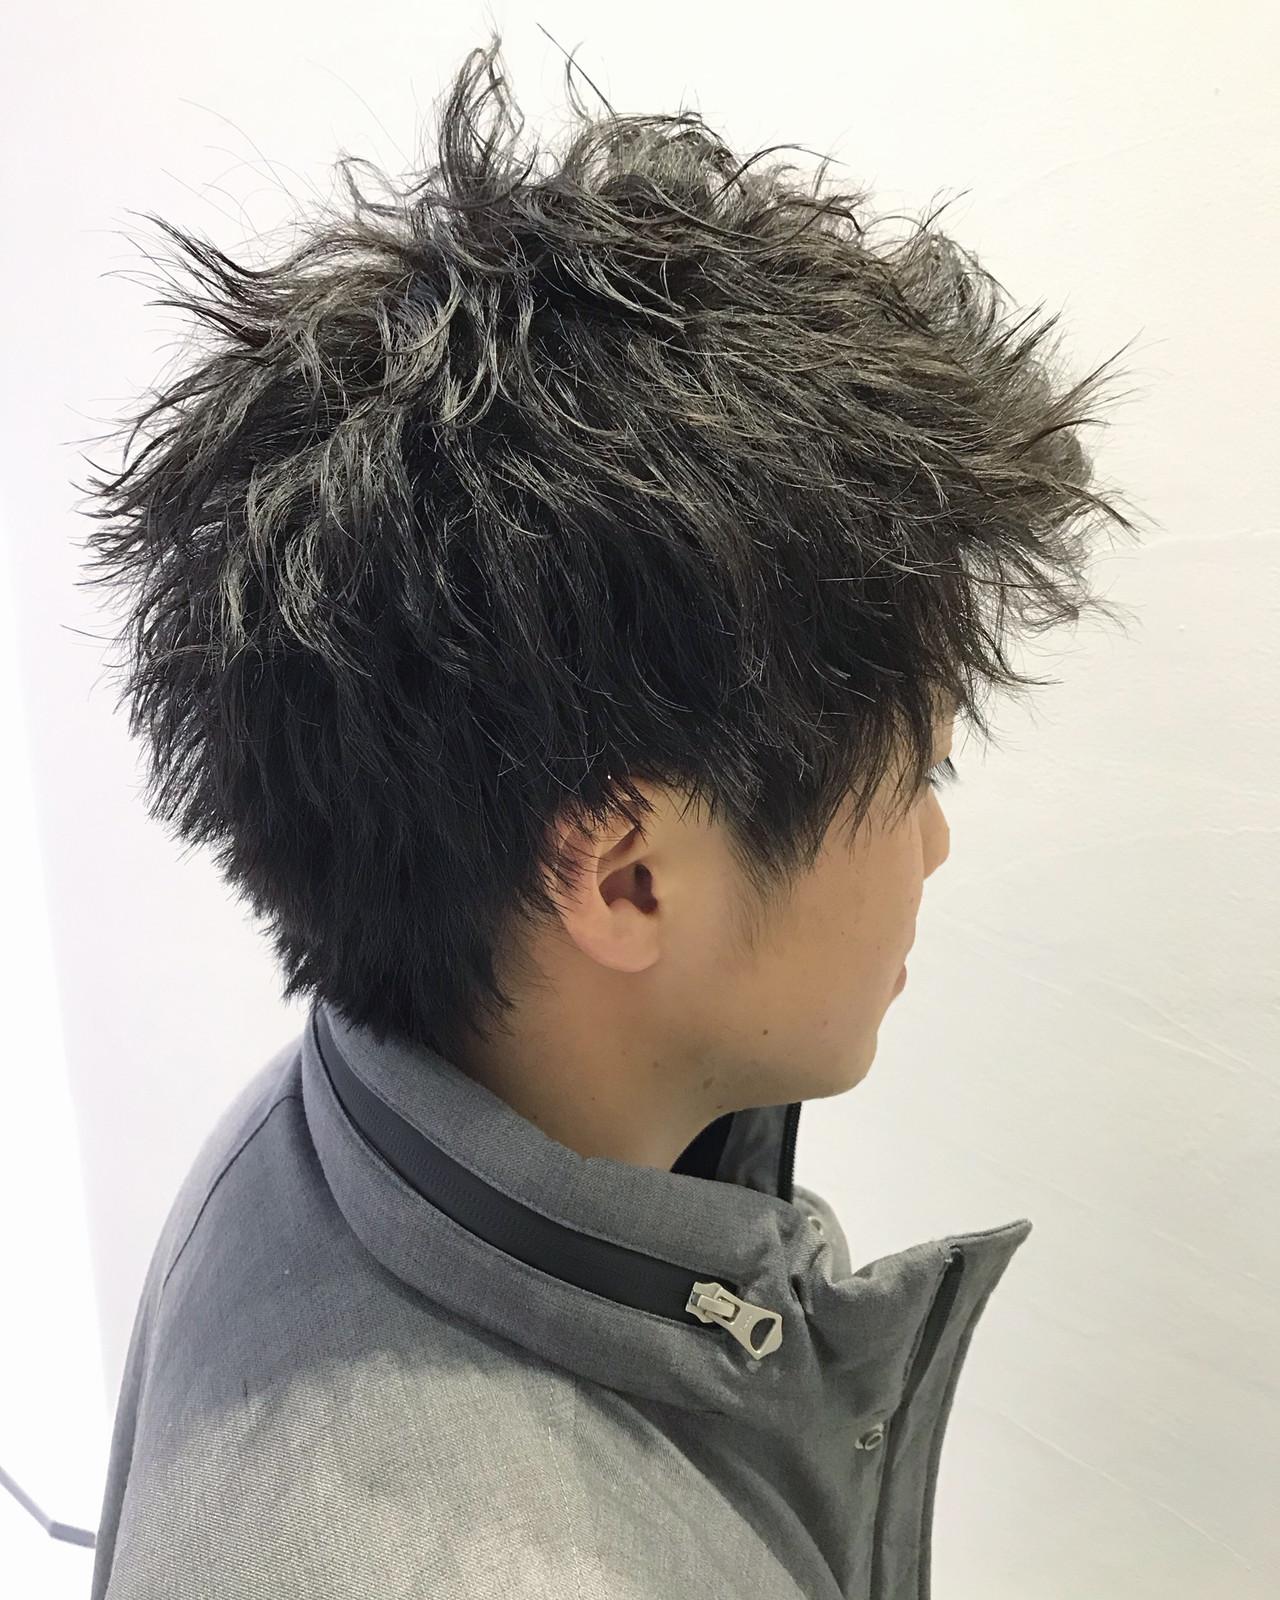 メンズパーマ メンズカジュアル メンズカット ナチュラル ヘアスタイルや髪型の写真・画像